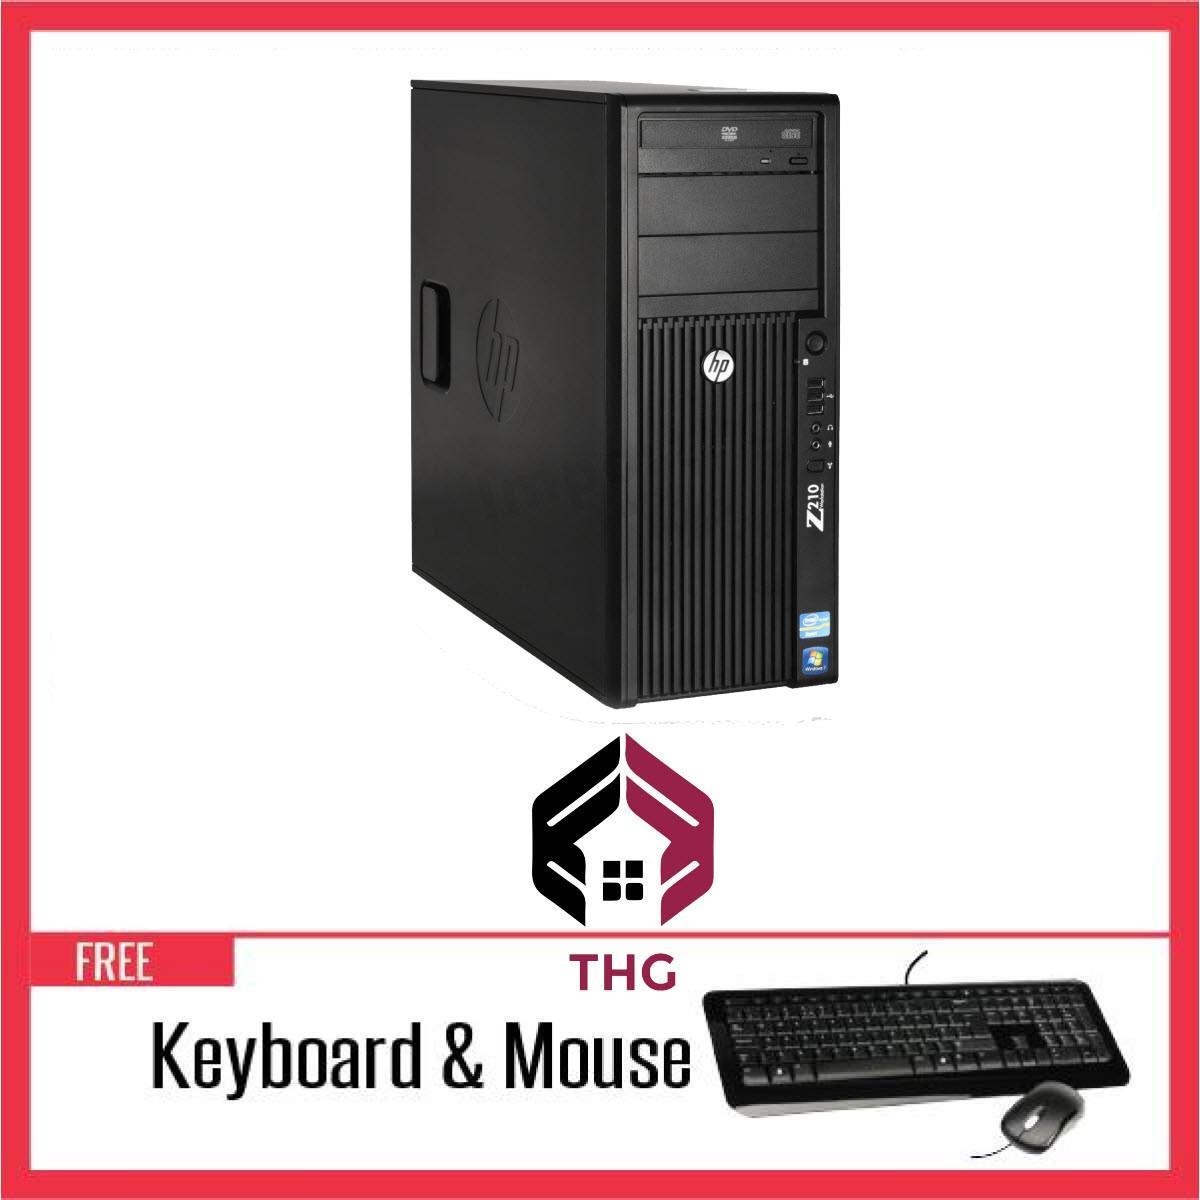 Hình ảnh Thùng Máy WORKSTATION HP Z210MT Chạy CPU Core i7 2600, Ram ECC 8GB, HDD 500GB + Bộ Quà Tặng